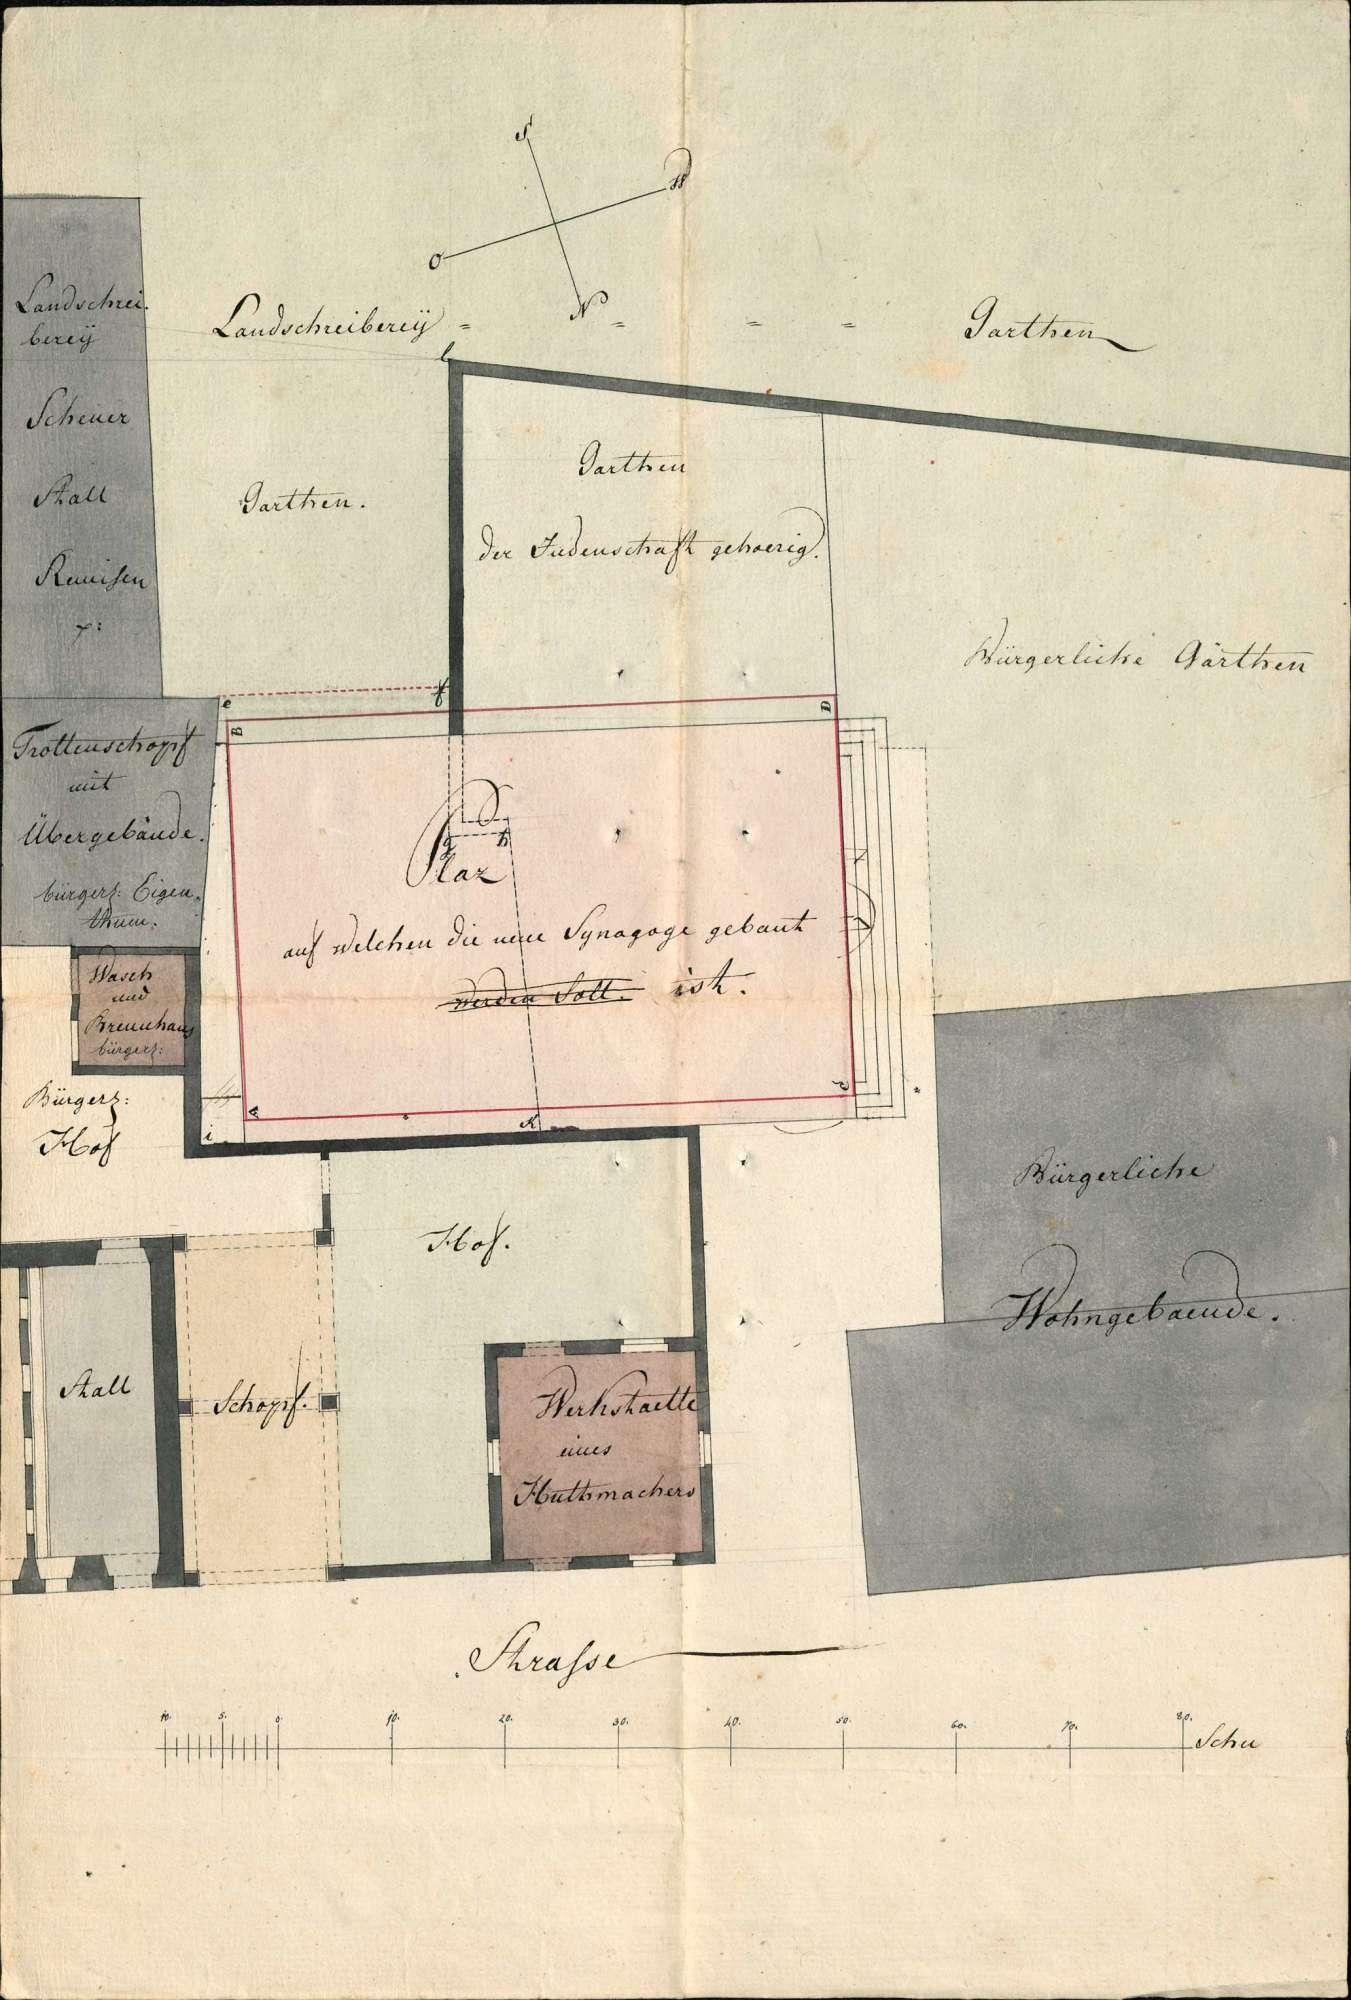 Erbauung einer Synagoge in Lörrach, Bild 1